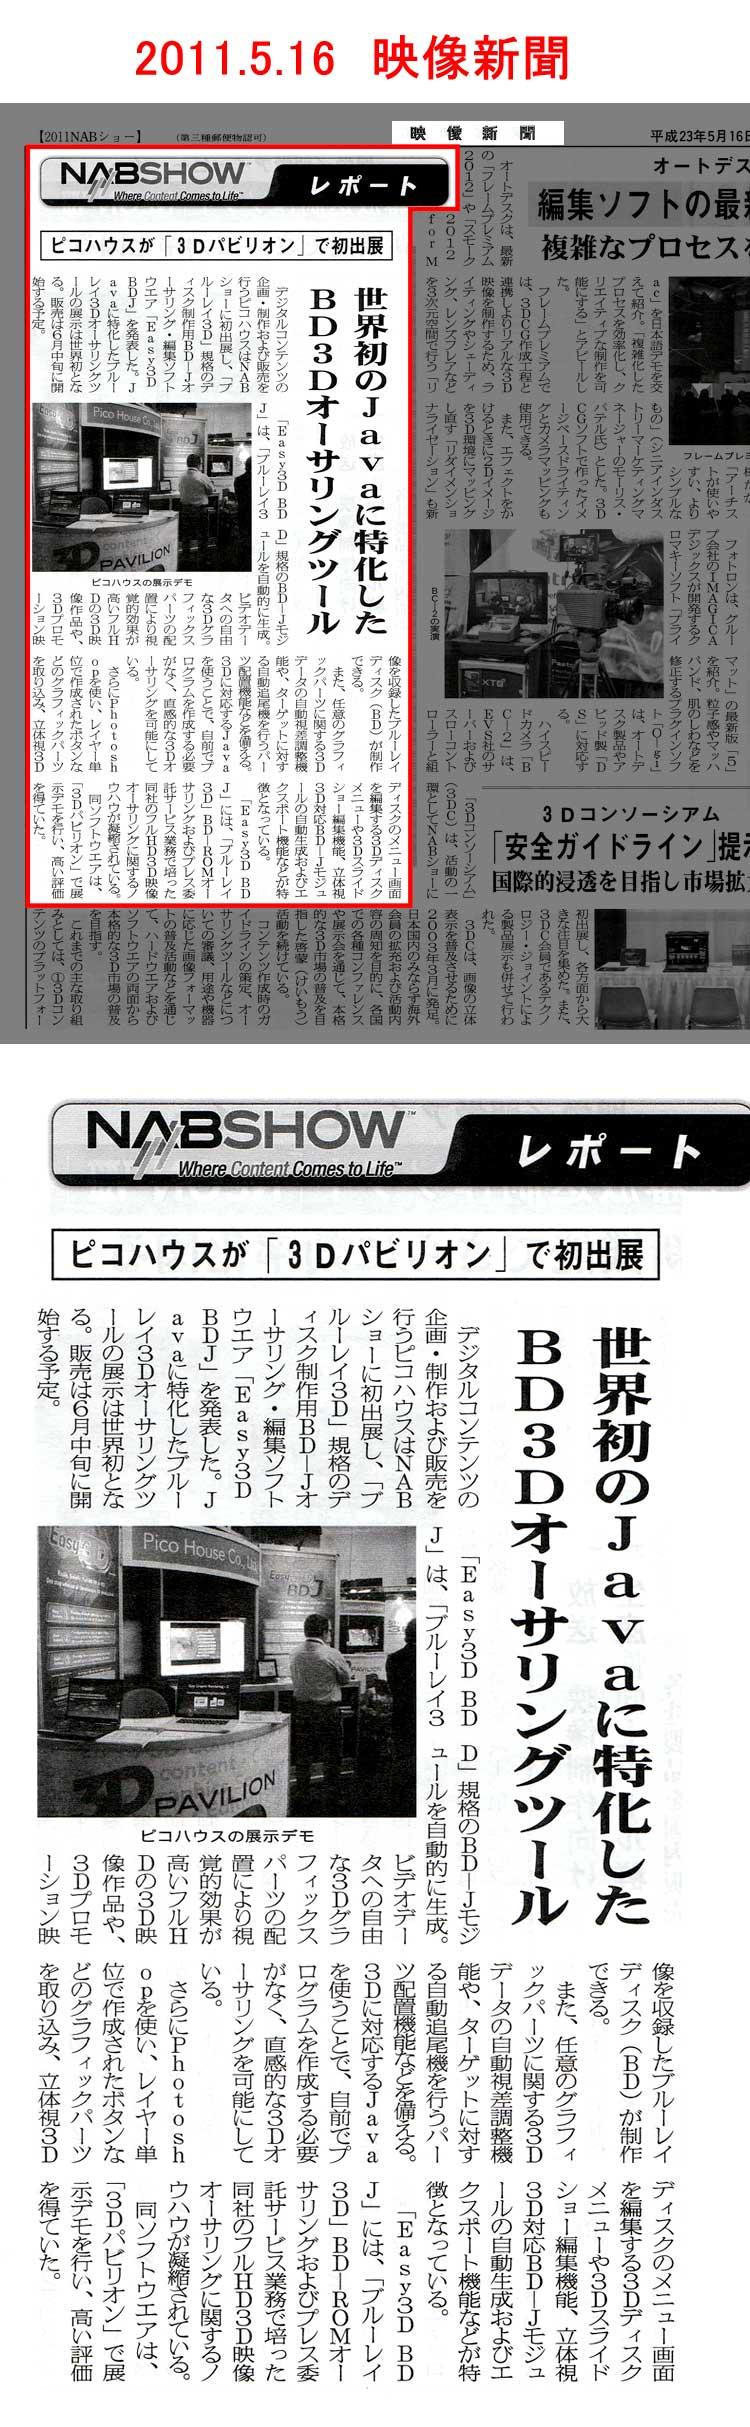 2011.5.16 映像新聞